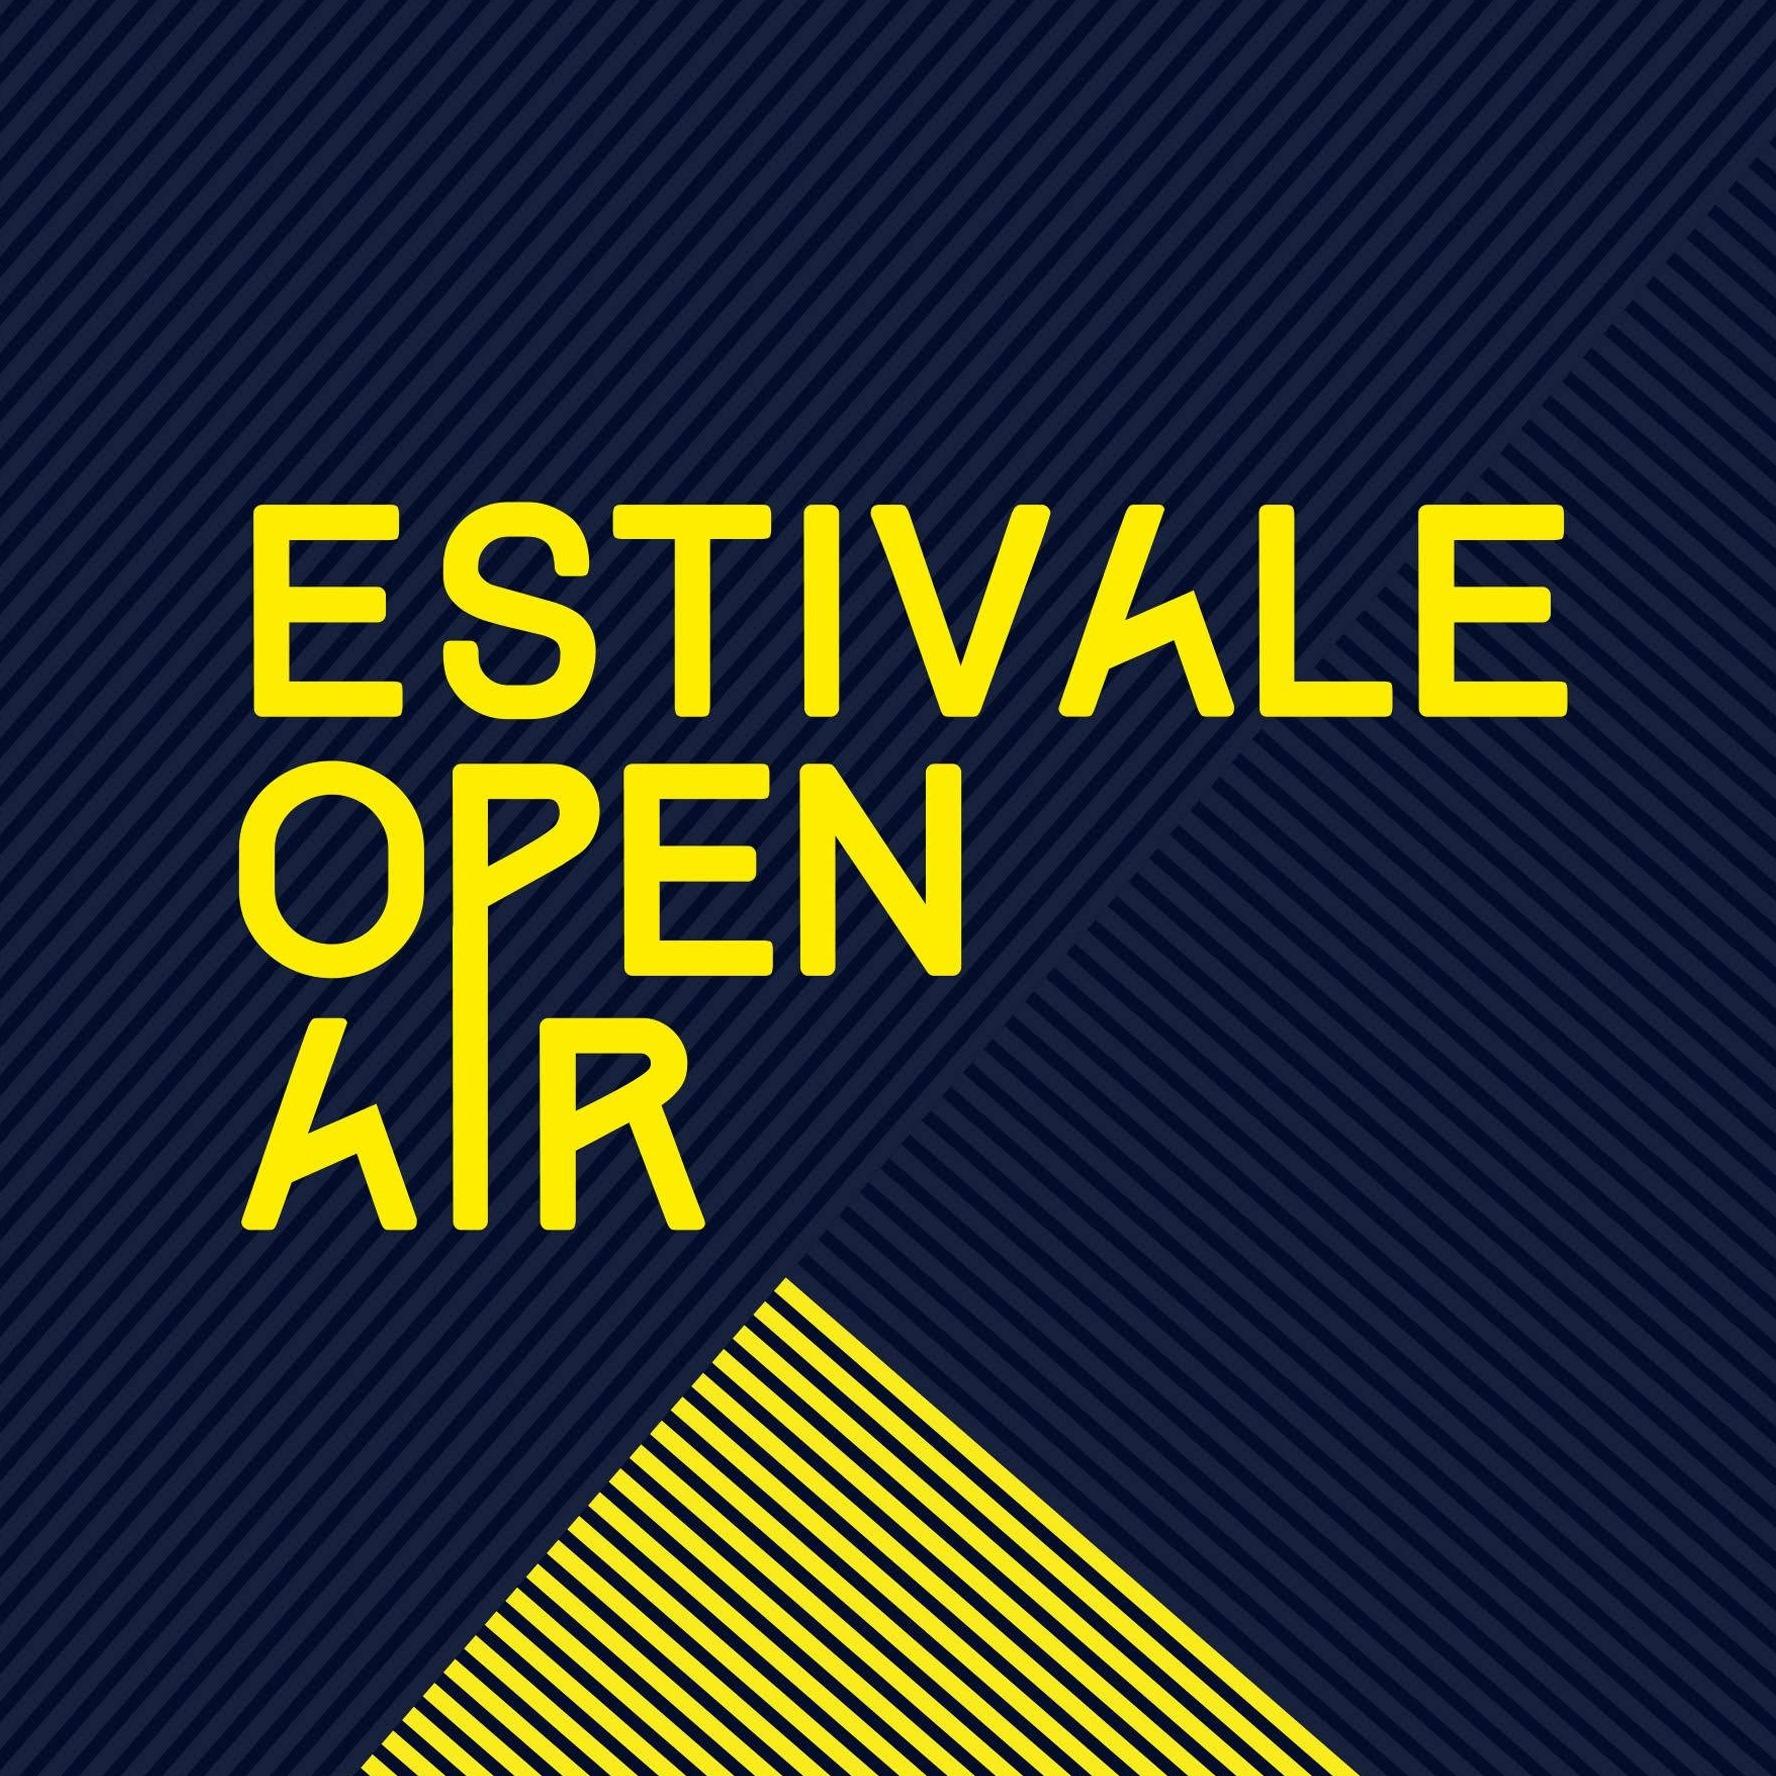 KT Gorique @ Estivale Open Air